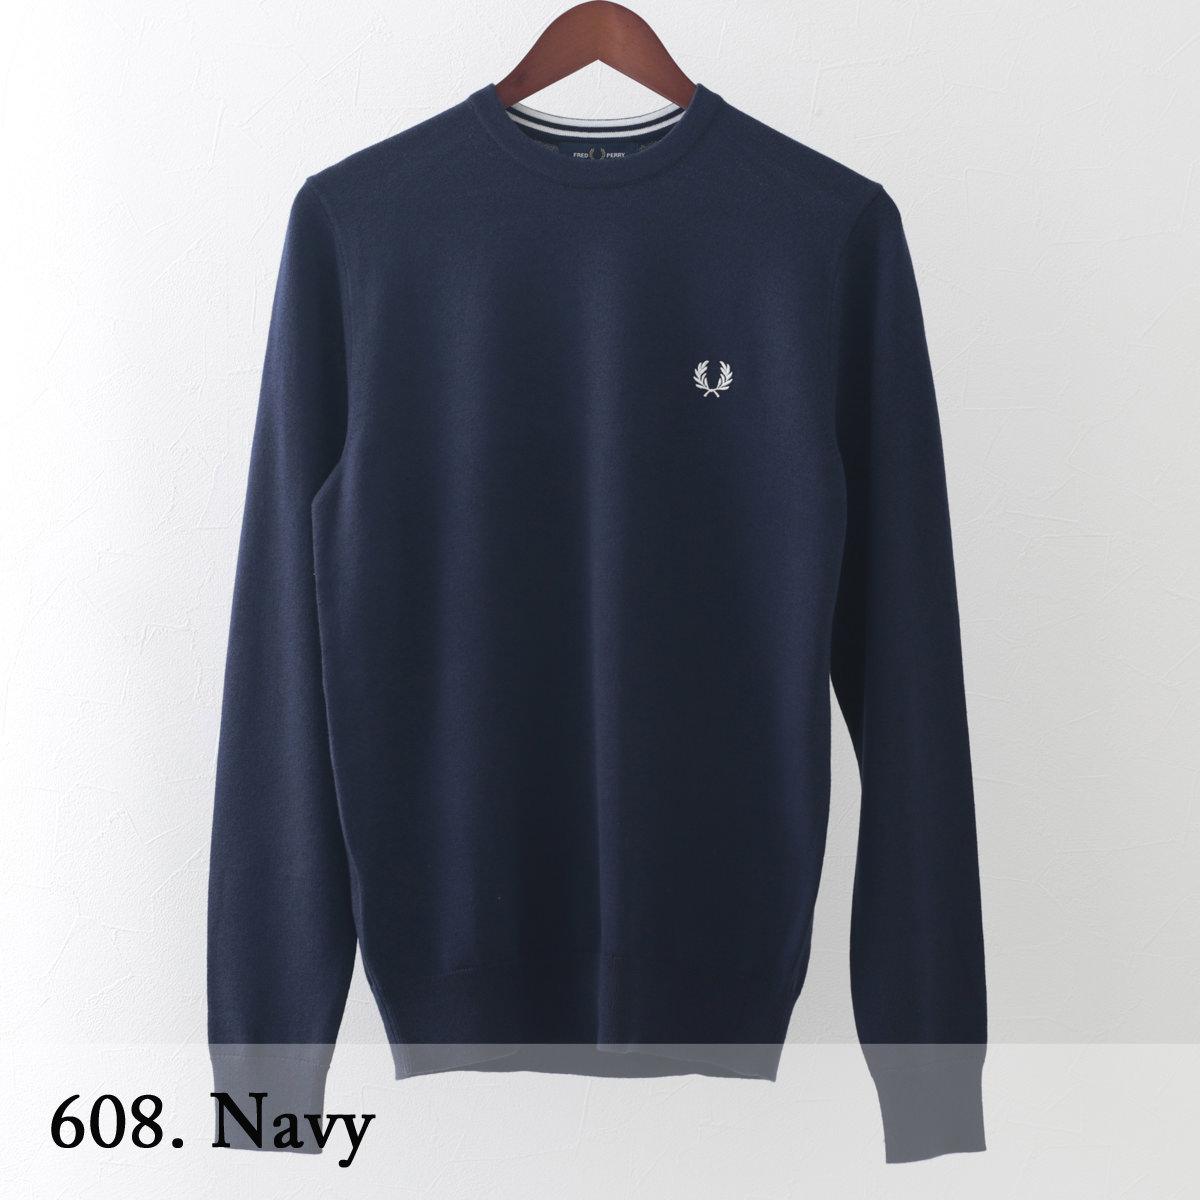 フレッドペリー メンズ セーター メリノウール コットン クラシック クルーネック ニット Fred Perry 10色 正規販売店 ギフト トラッド